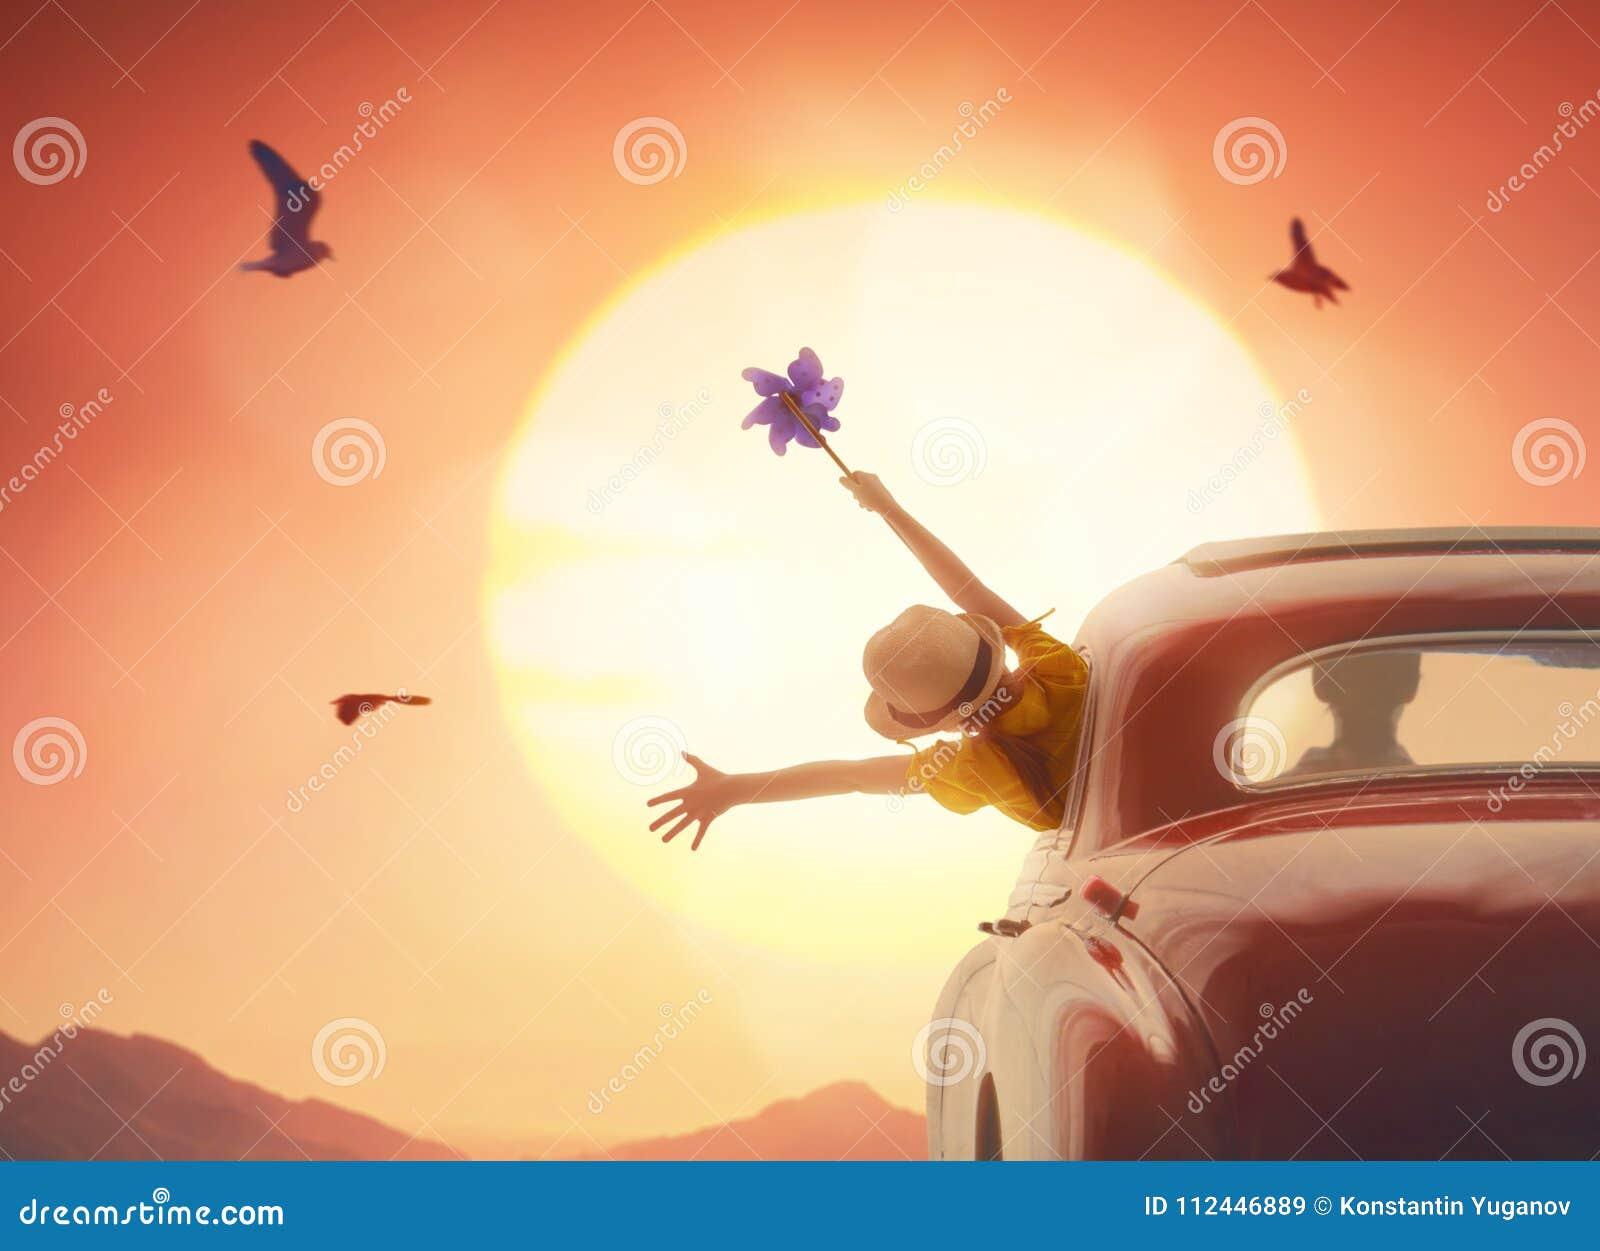 Dziewczyna cieszy się wycieczkę samochodową